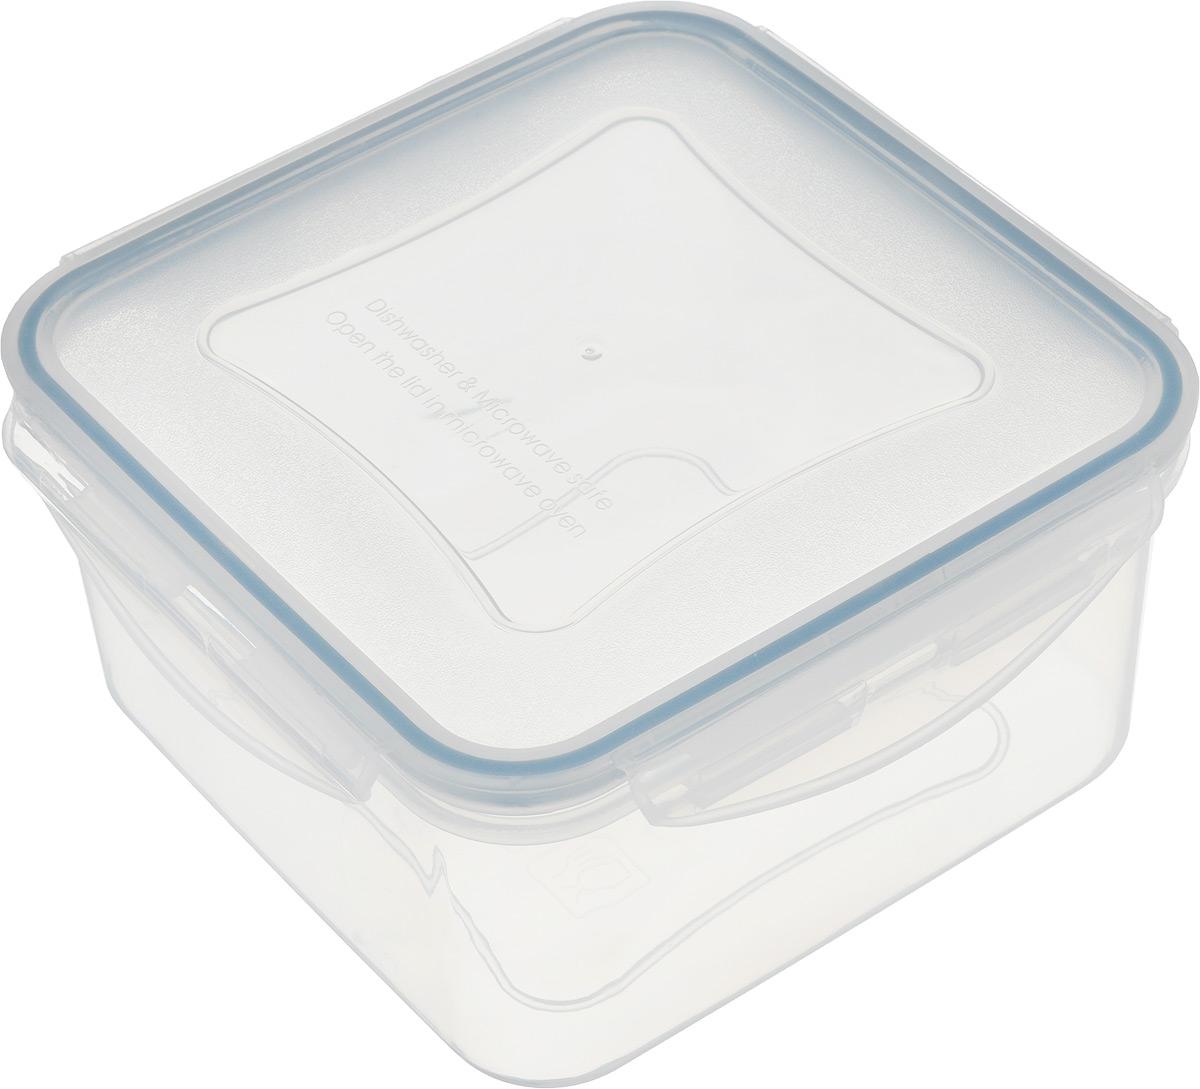 Контейнер Tescoma Freshbox, квадратный, 1,2 л4630003364517Квадратный контейнер Tescoma Freshbox замечателен для хранения и переноски продуктов. Выполнен из высокопрочной жаростойкой пластмассы, которая выдерживает температуру от -18°С до +110°С. Контейнера снабжен воздухонепроницаемой и водонепроницаемой крышкой с силиконовой прокладкой, которая гарантирует герметичность. Продукты дольше сохраняют свежесть и аромат, а жидкие блюда не вытекают. Контейнер очень вместителен, он отлично подойдет для хранения пищи дома, а также для пикников и выездов на природу. Контейнер пригоден для использования в холодильнике, морозильной камере и микроволновой печи. Допускается мытье в посудомоечной машине.